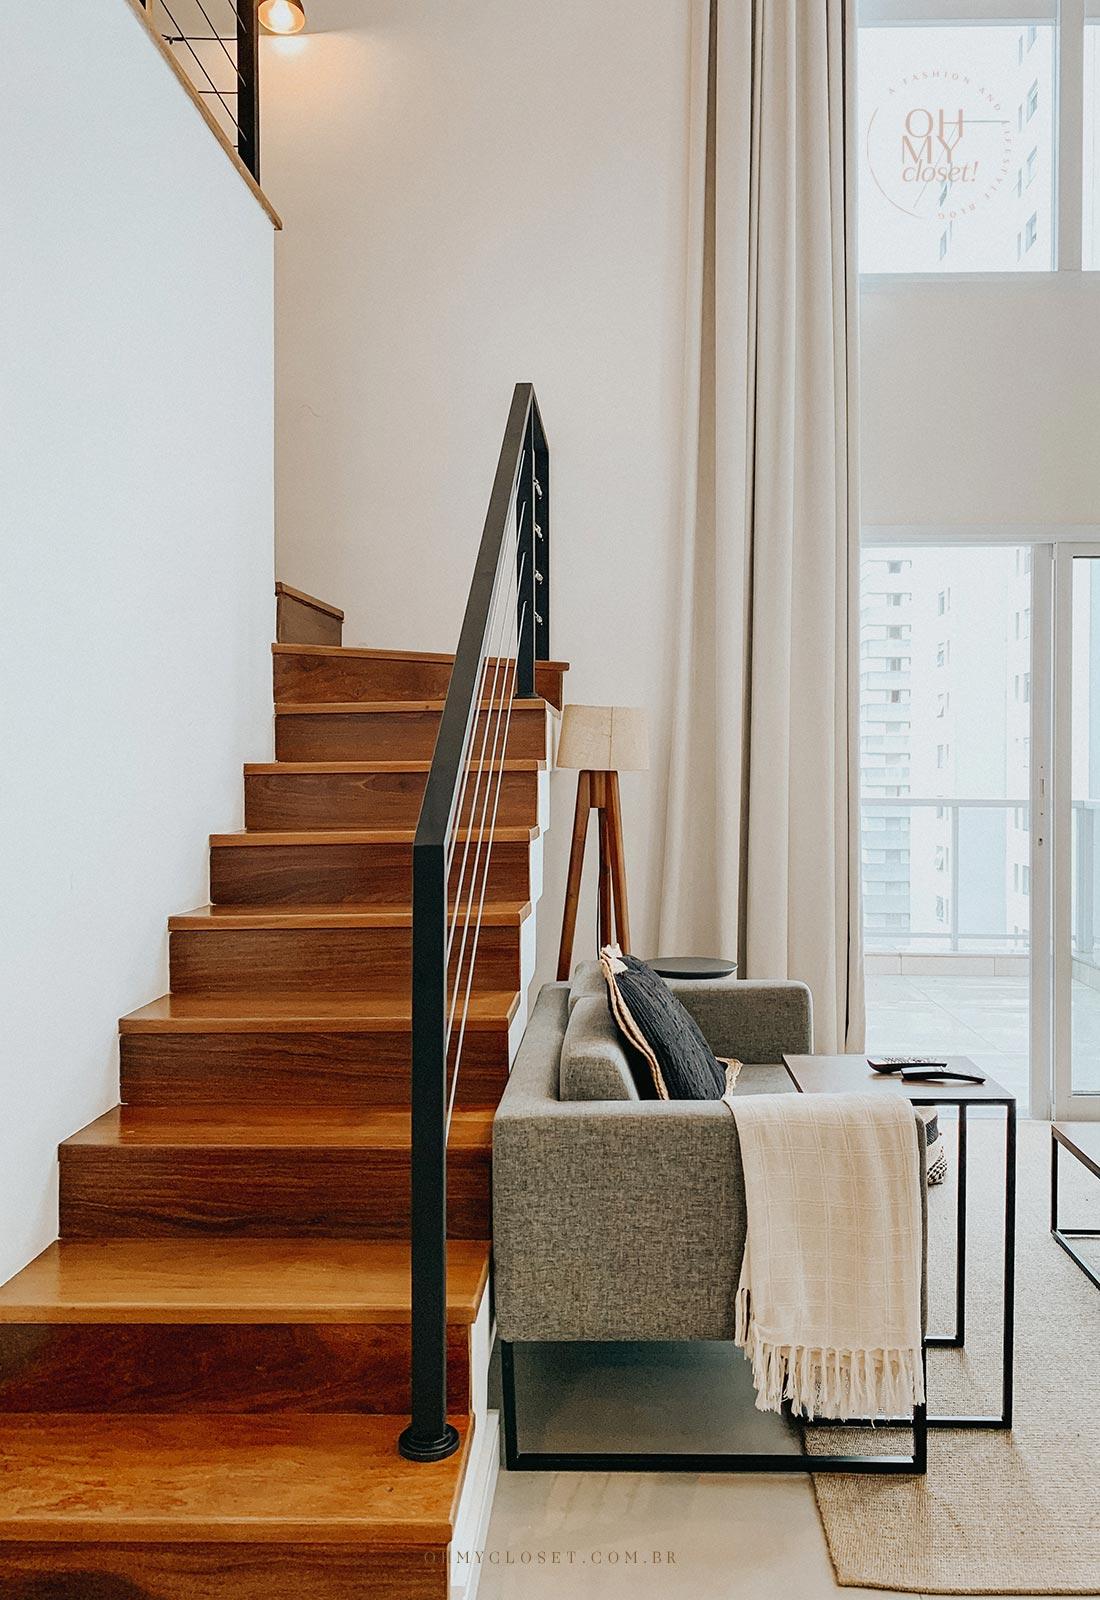 Escada e sofá da sala de tv Airbnb em São Paulo.